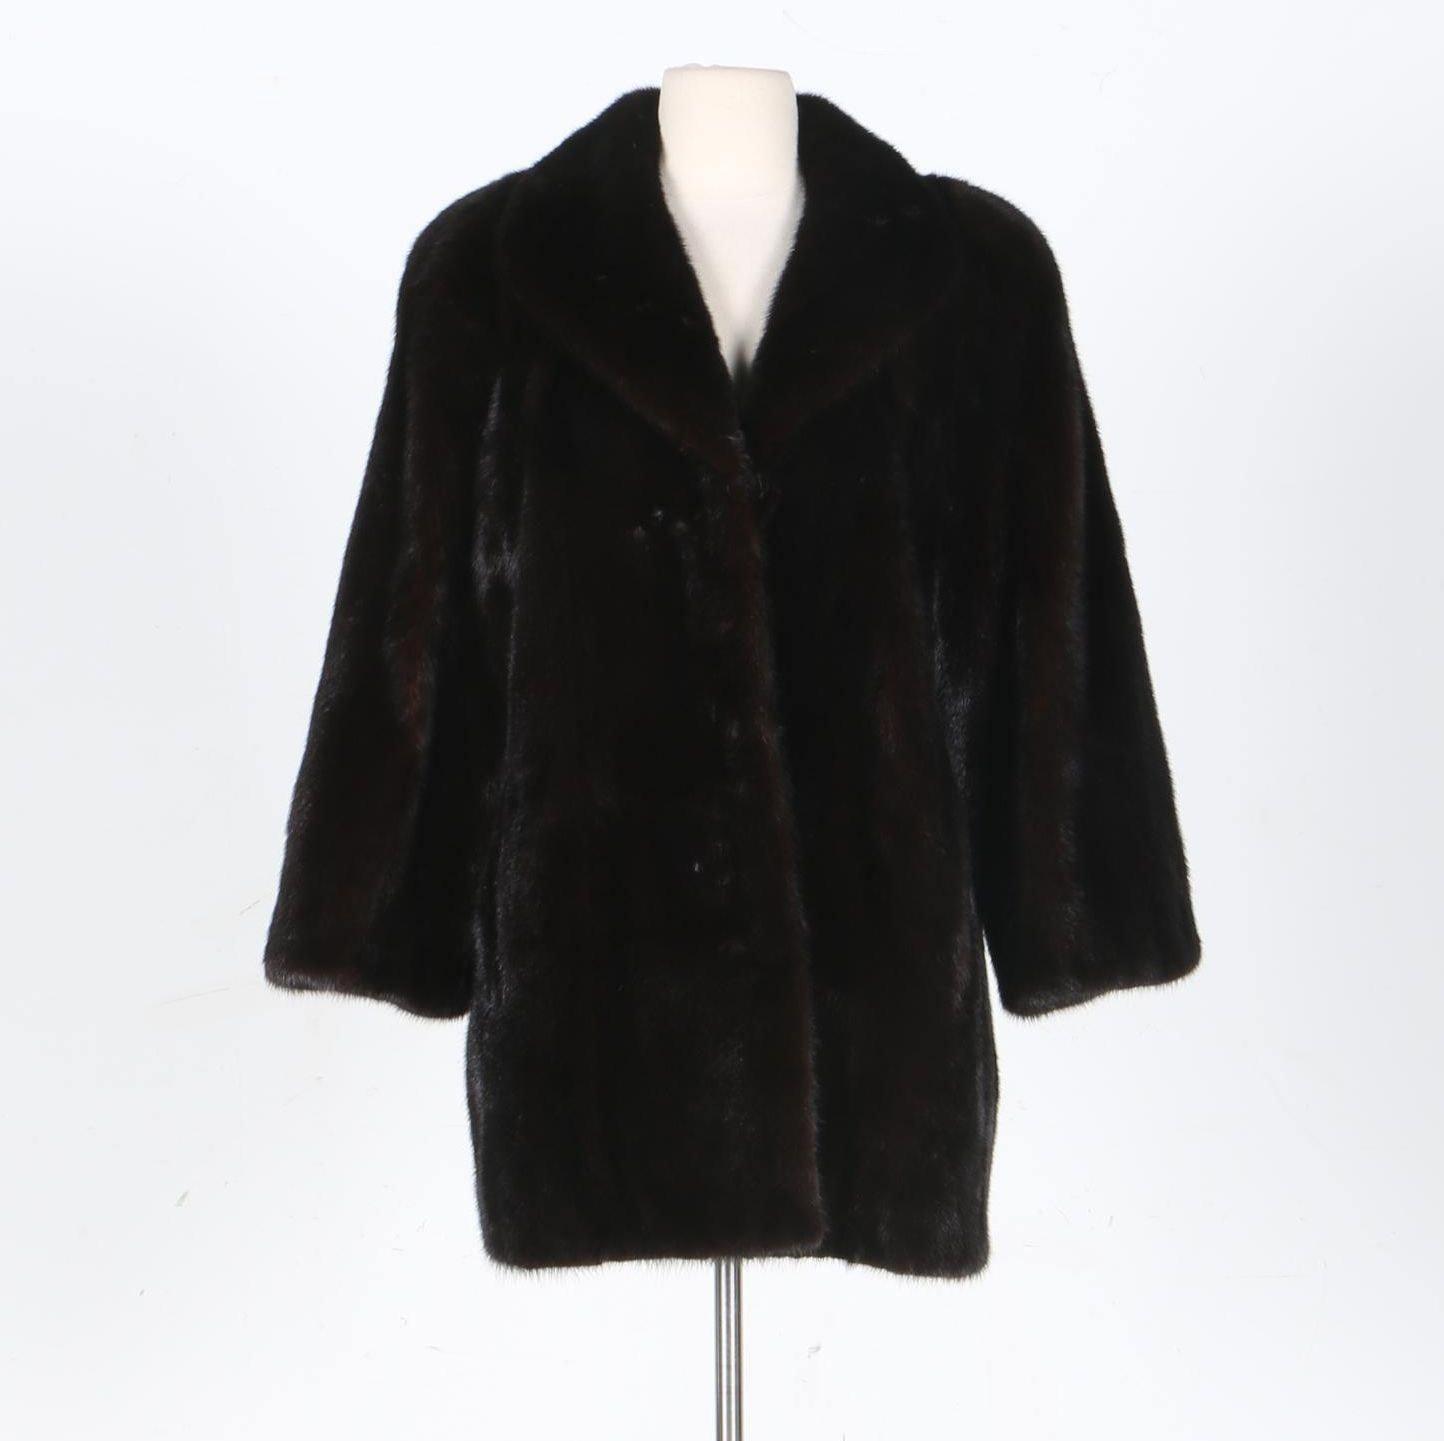 Nina Ricci Mink Fur Coat